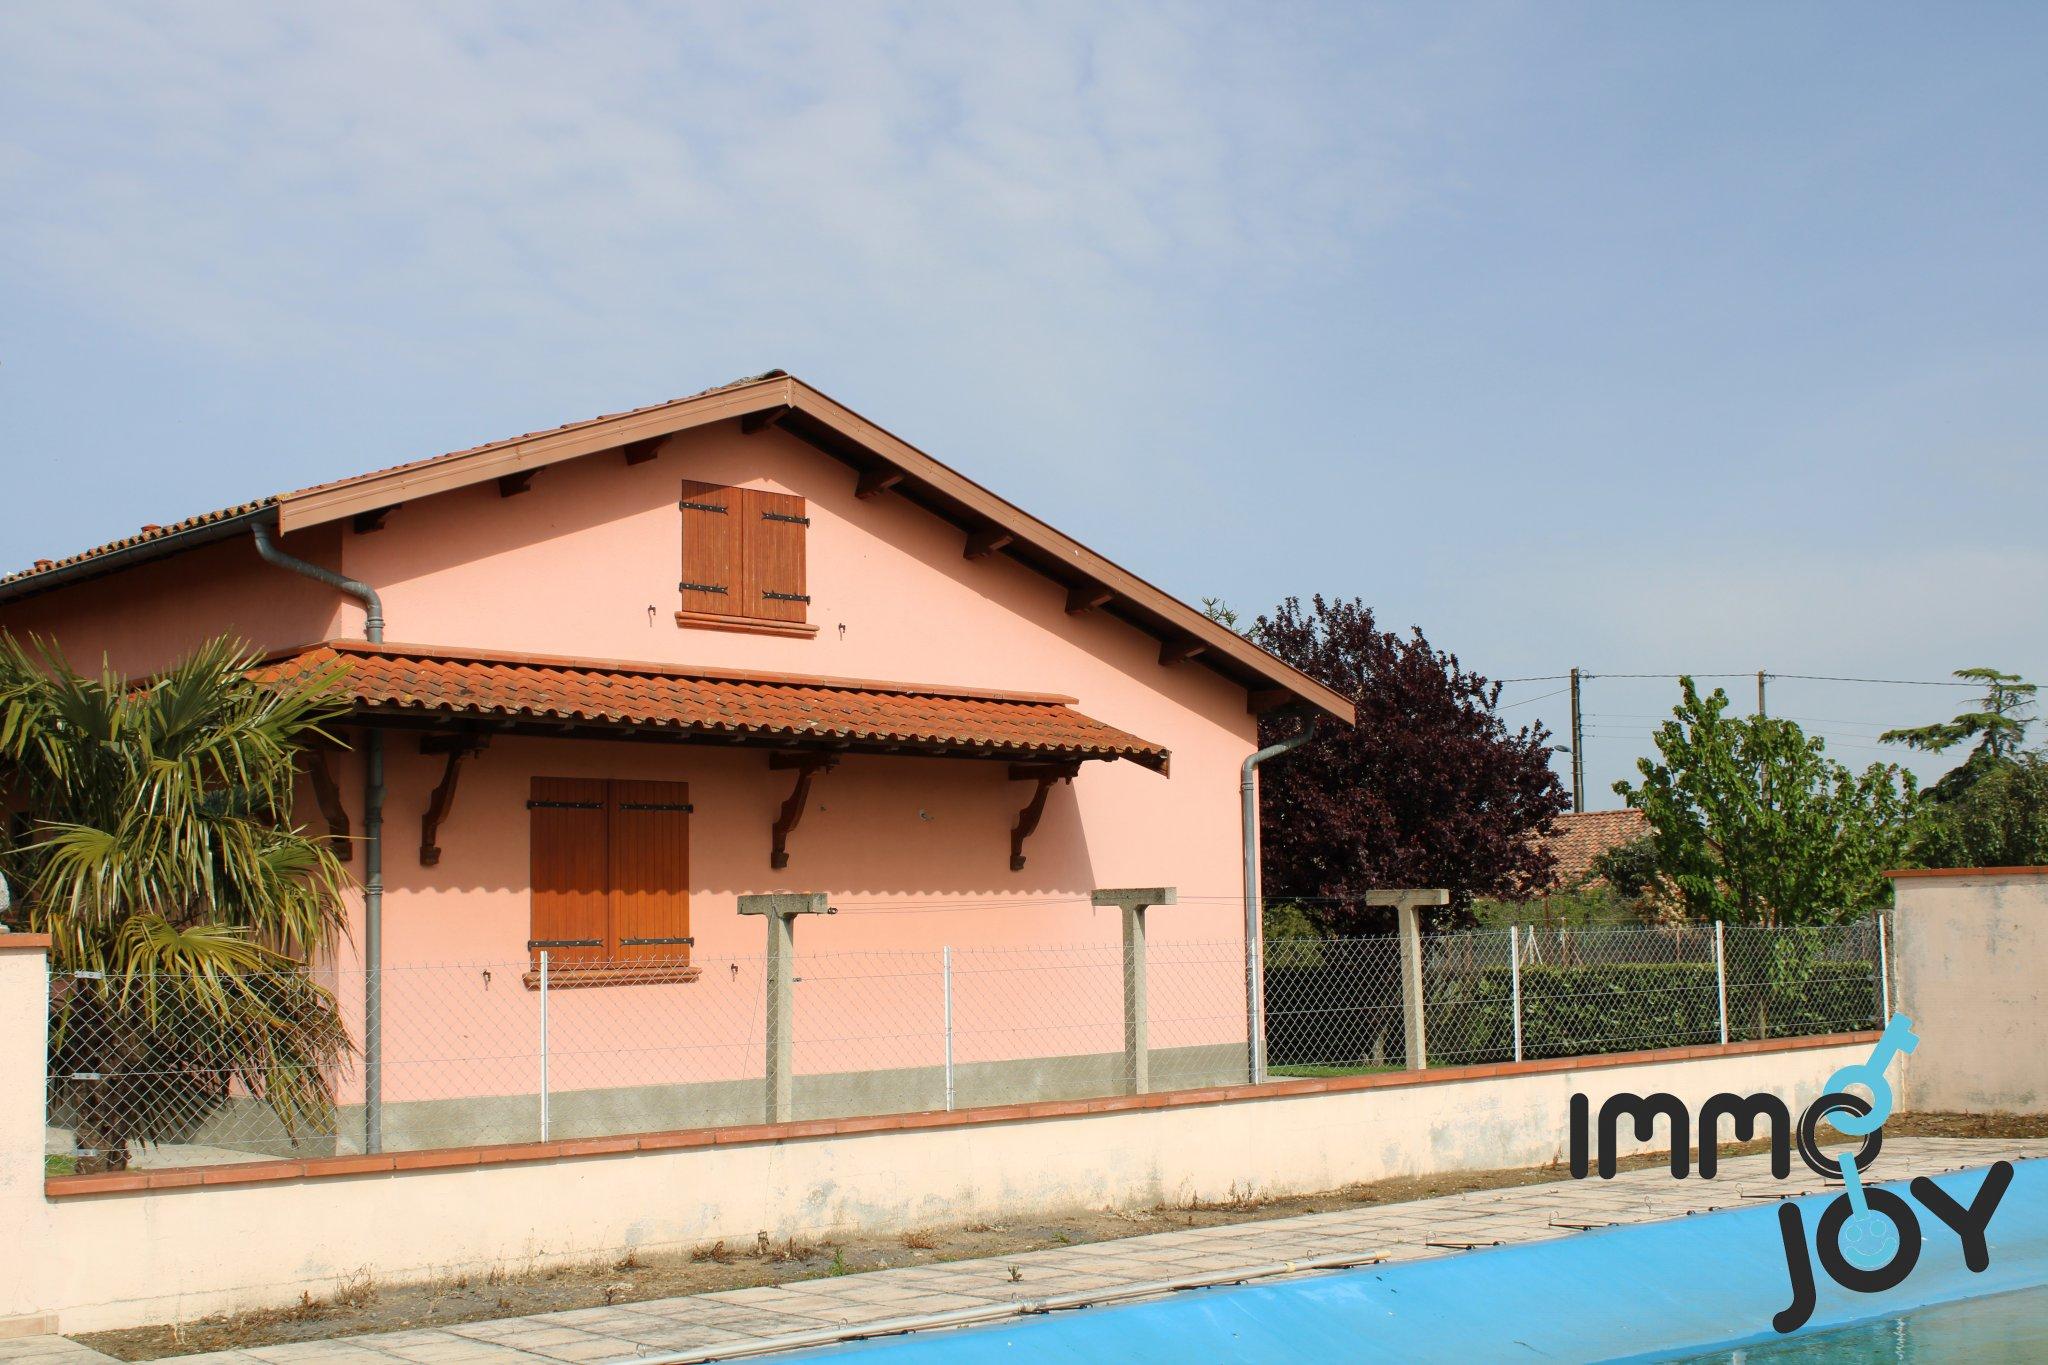 Proche Borderouge - Maison De 156M2 Sur Terrain De 1500 M2 - Piscine dedans Piscine Portet Sur Garonne